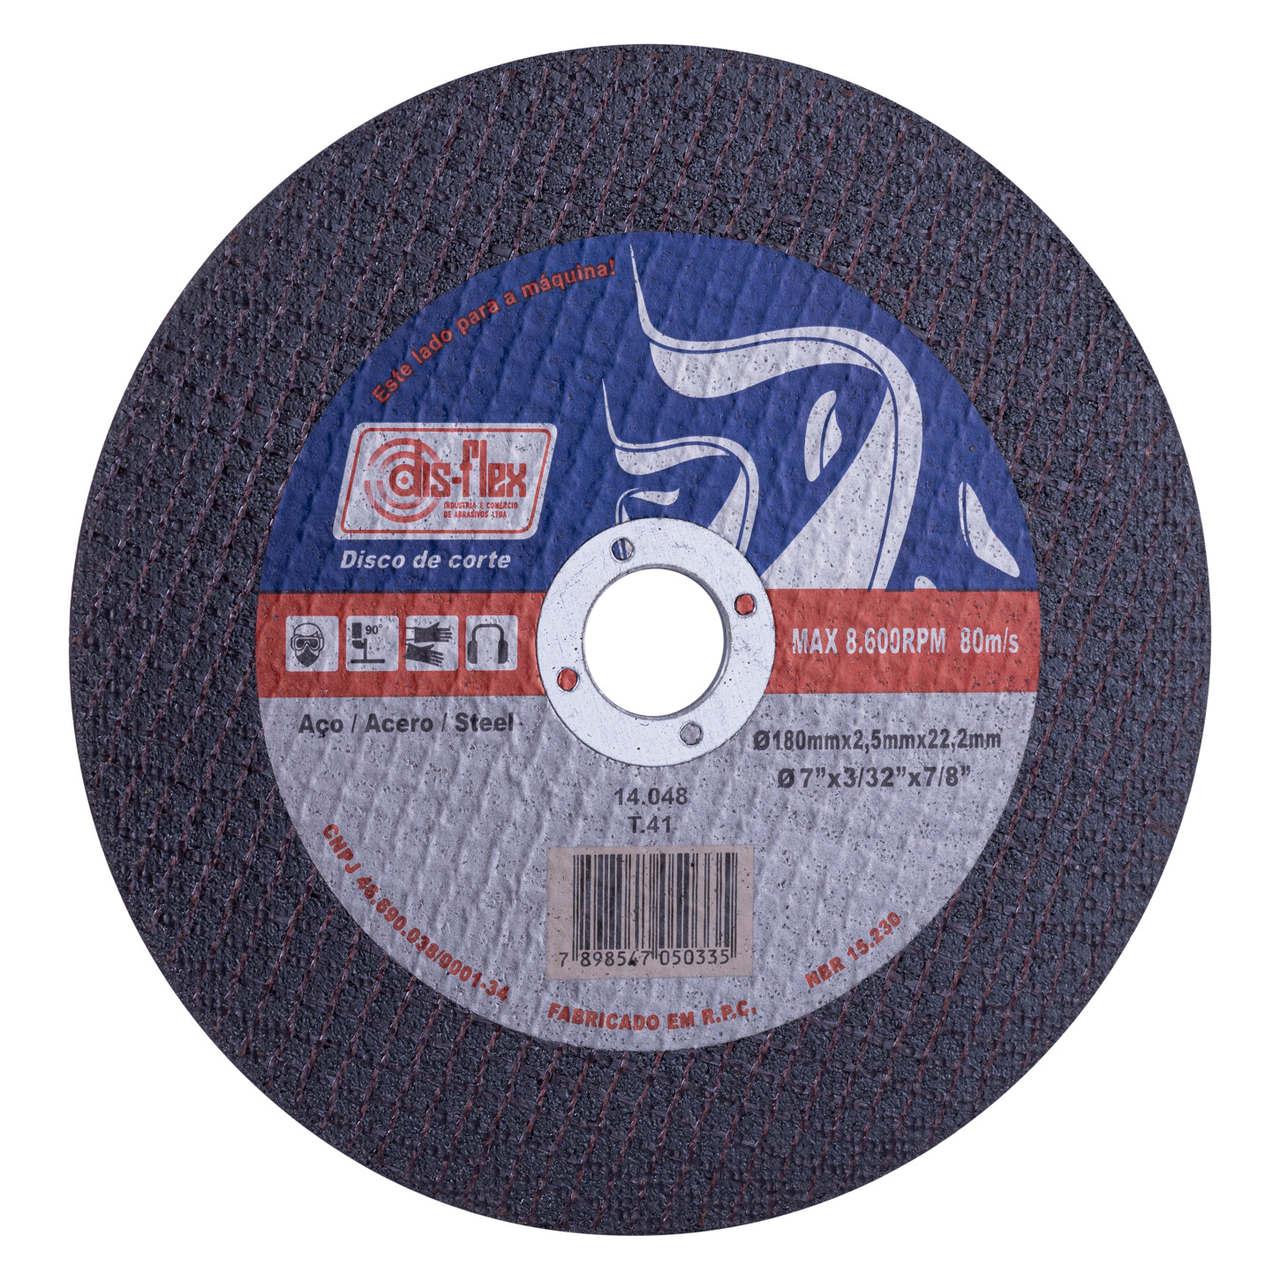 Disco de corte para aço 180x2,5x22,3mm Disflex